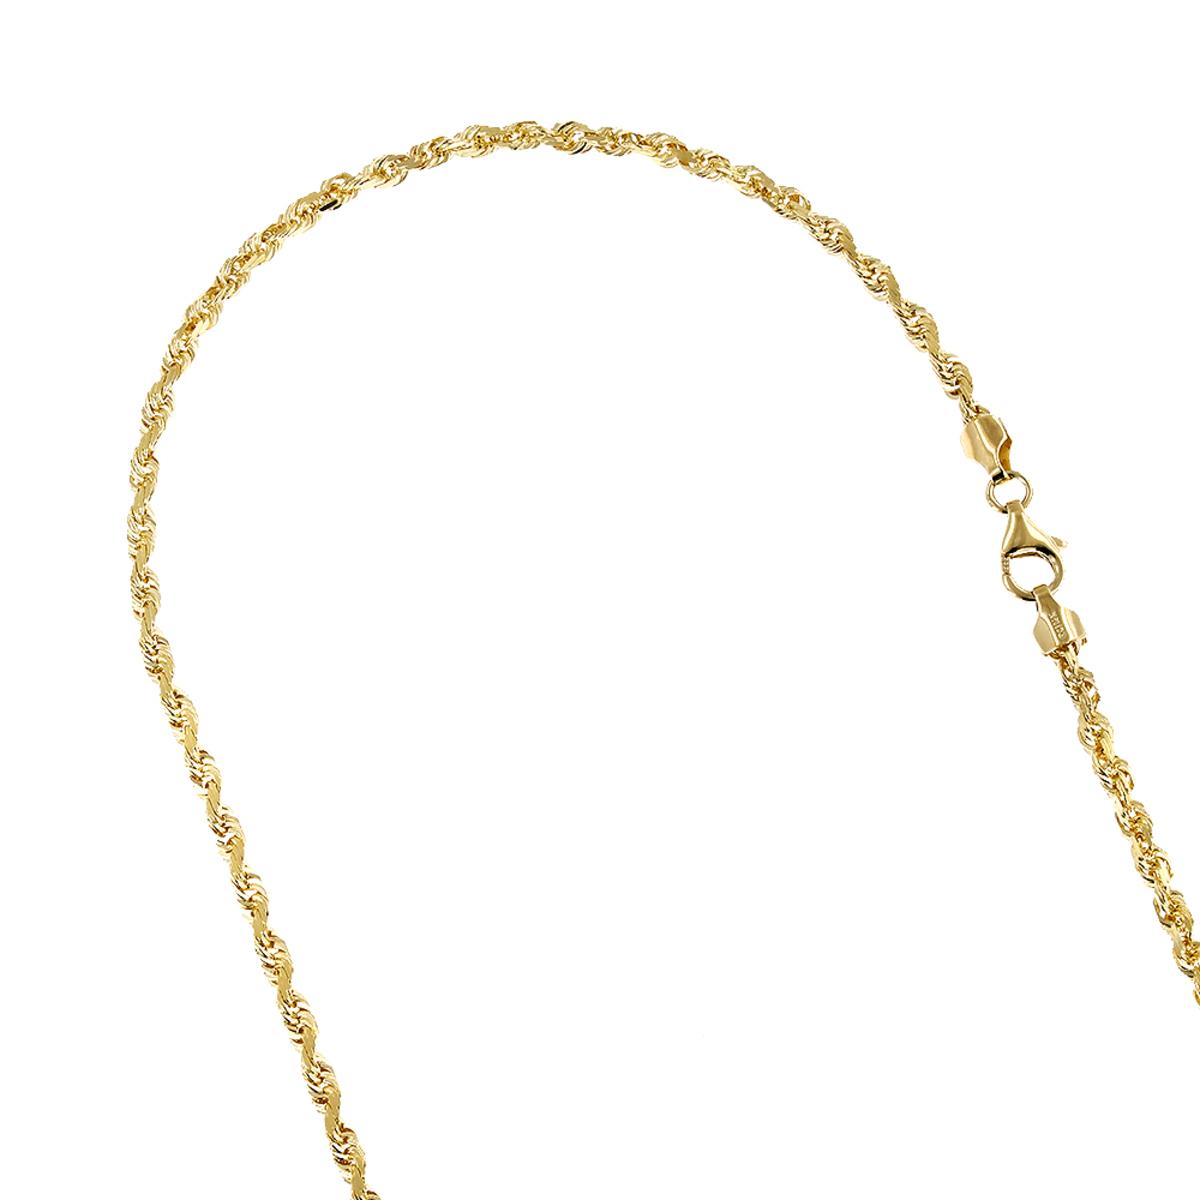 LUXURMAN Solid 14k Gold Rope Chain For Men & Women Diamond Cut 3mm